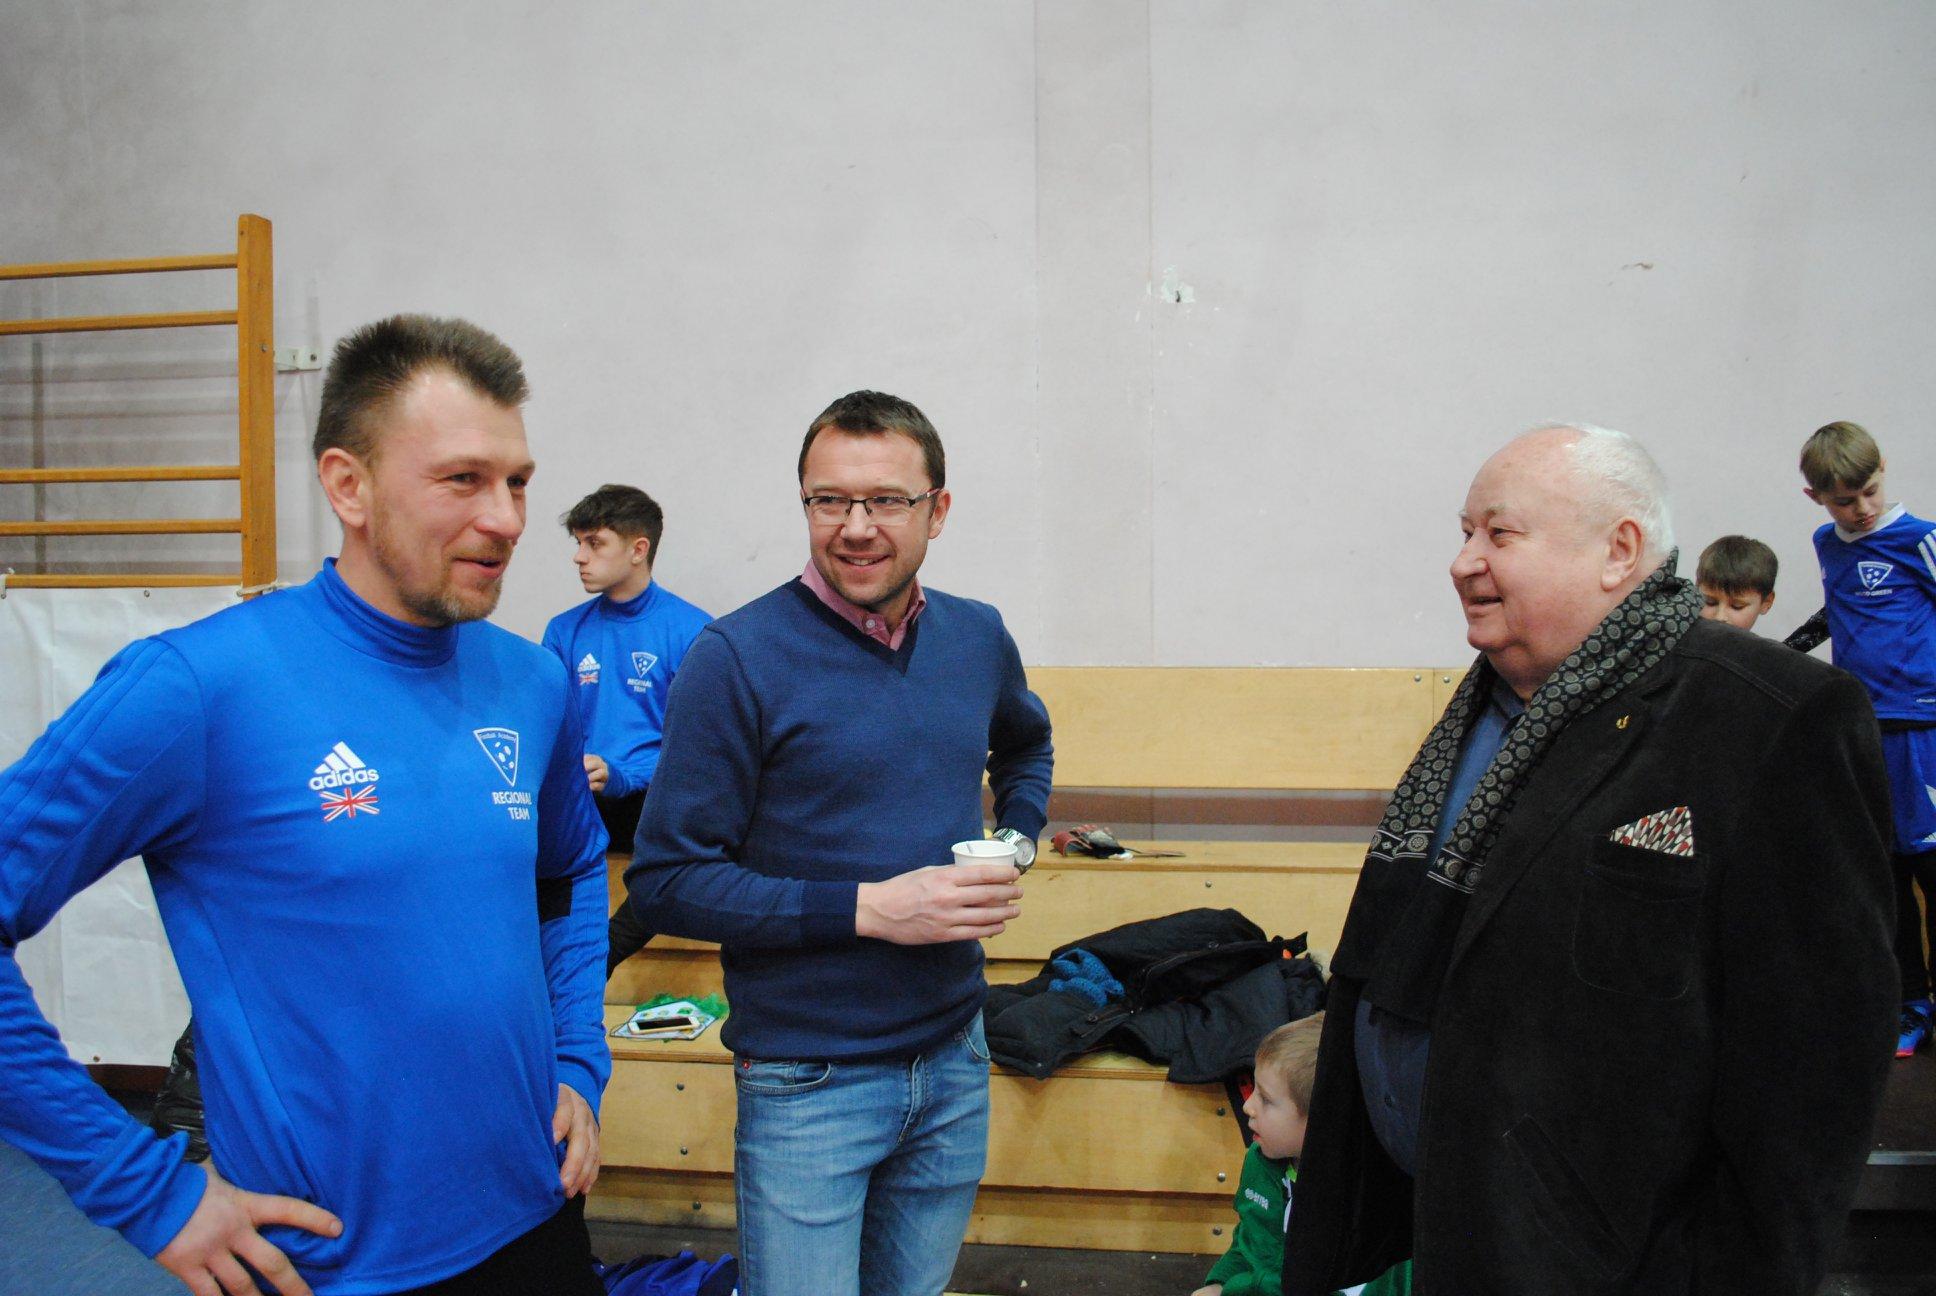 Arkadiusz Tracz - trener FA London, Andrzej Paulus - PZPN Rybnik i Franciszek Wrana - członek PZPN Katowice